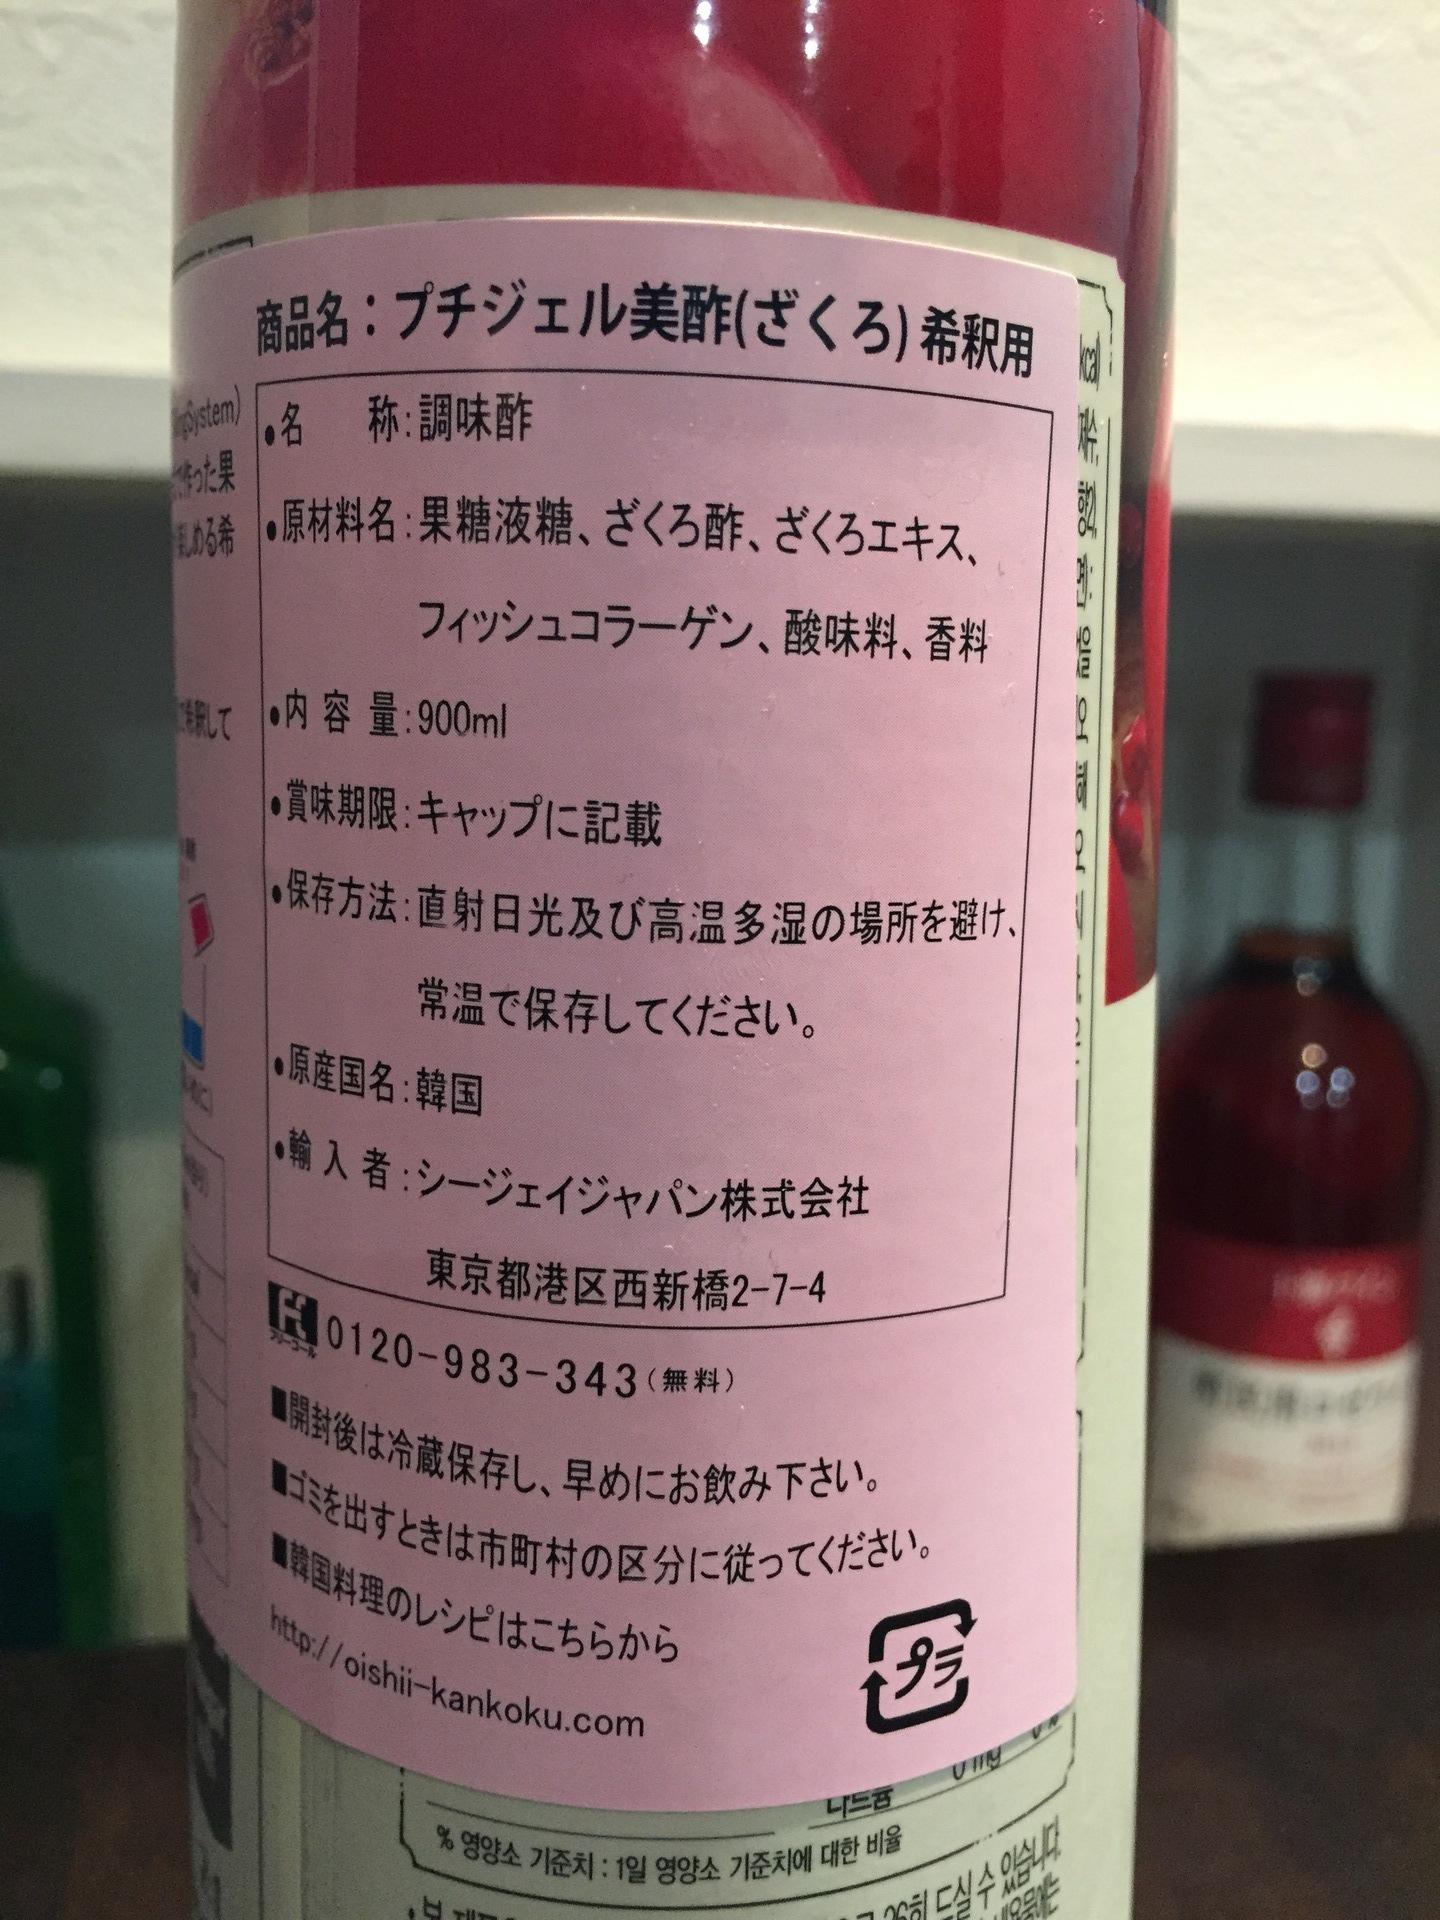 酢 効果 ザクロ